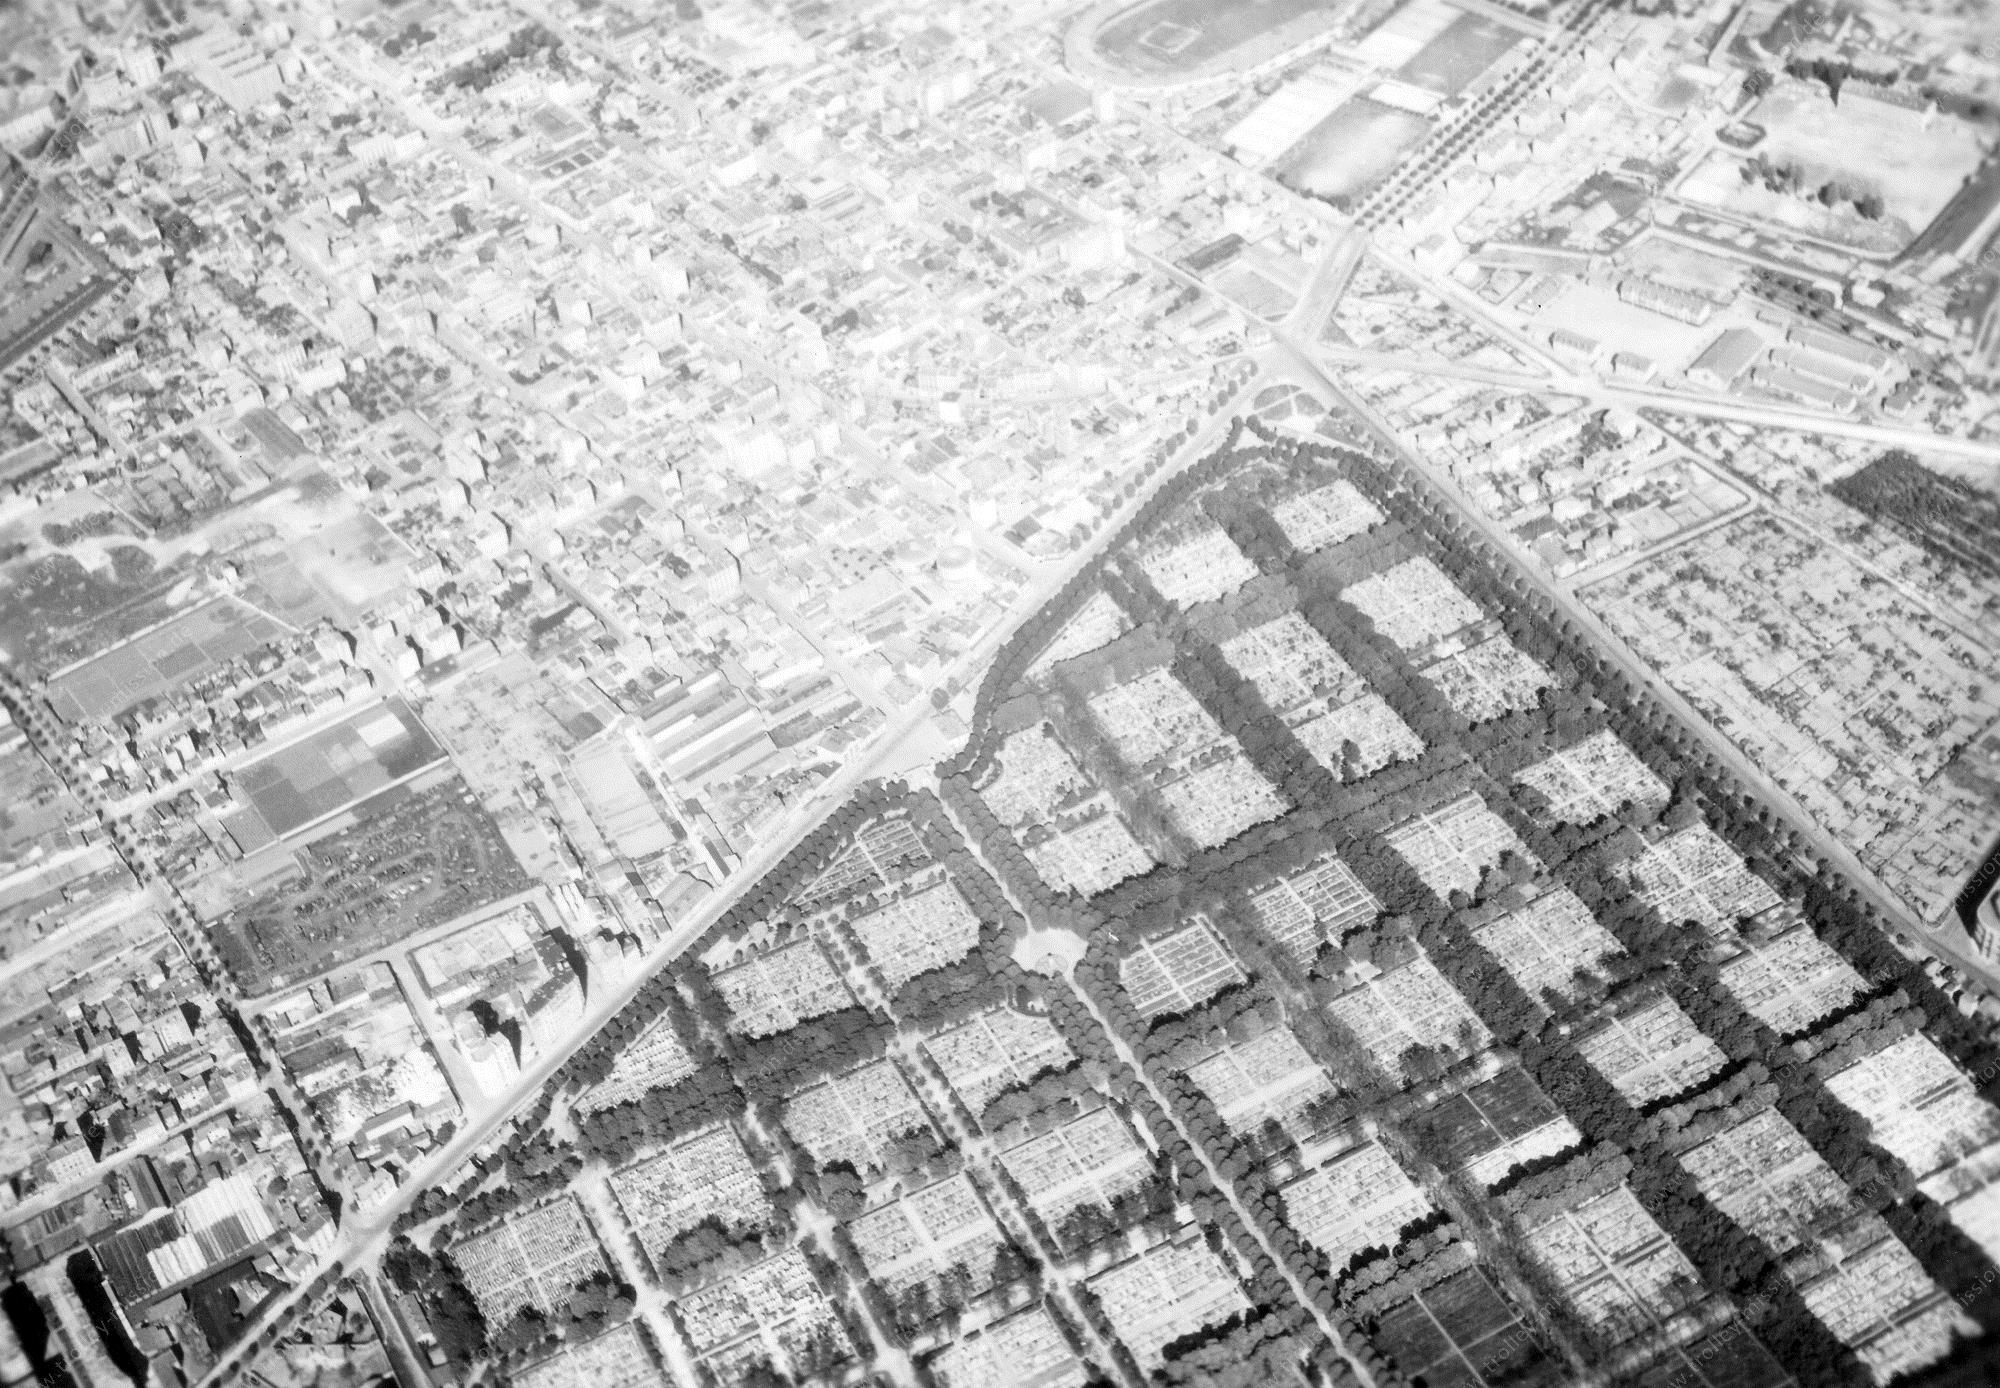 Paris 1945 Luftbild Cimetière parisien de Bagneux (Frankreich)